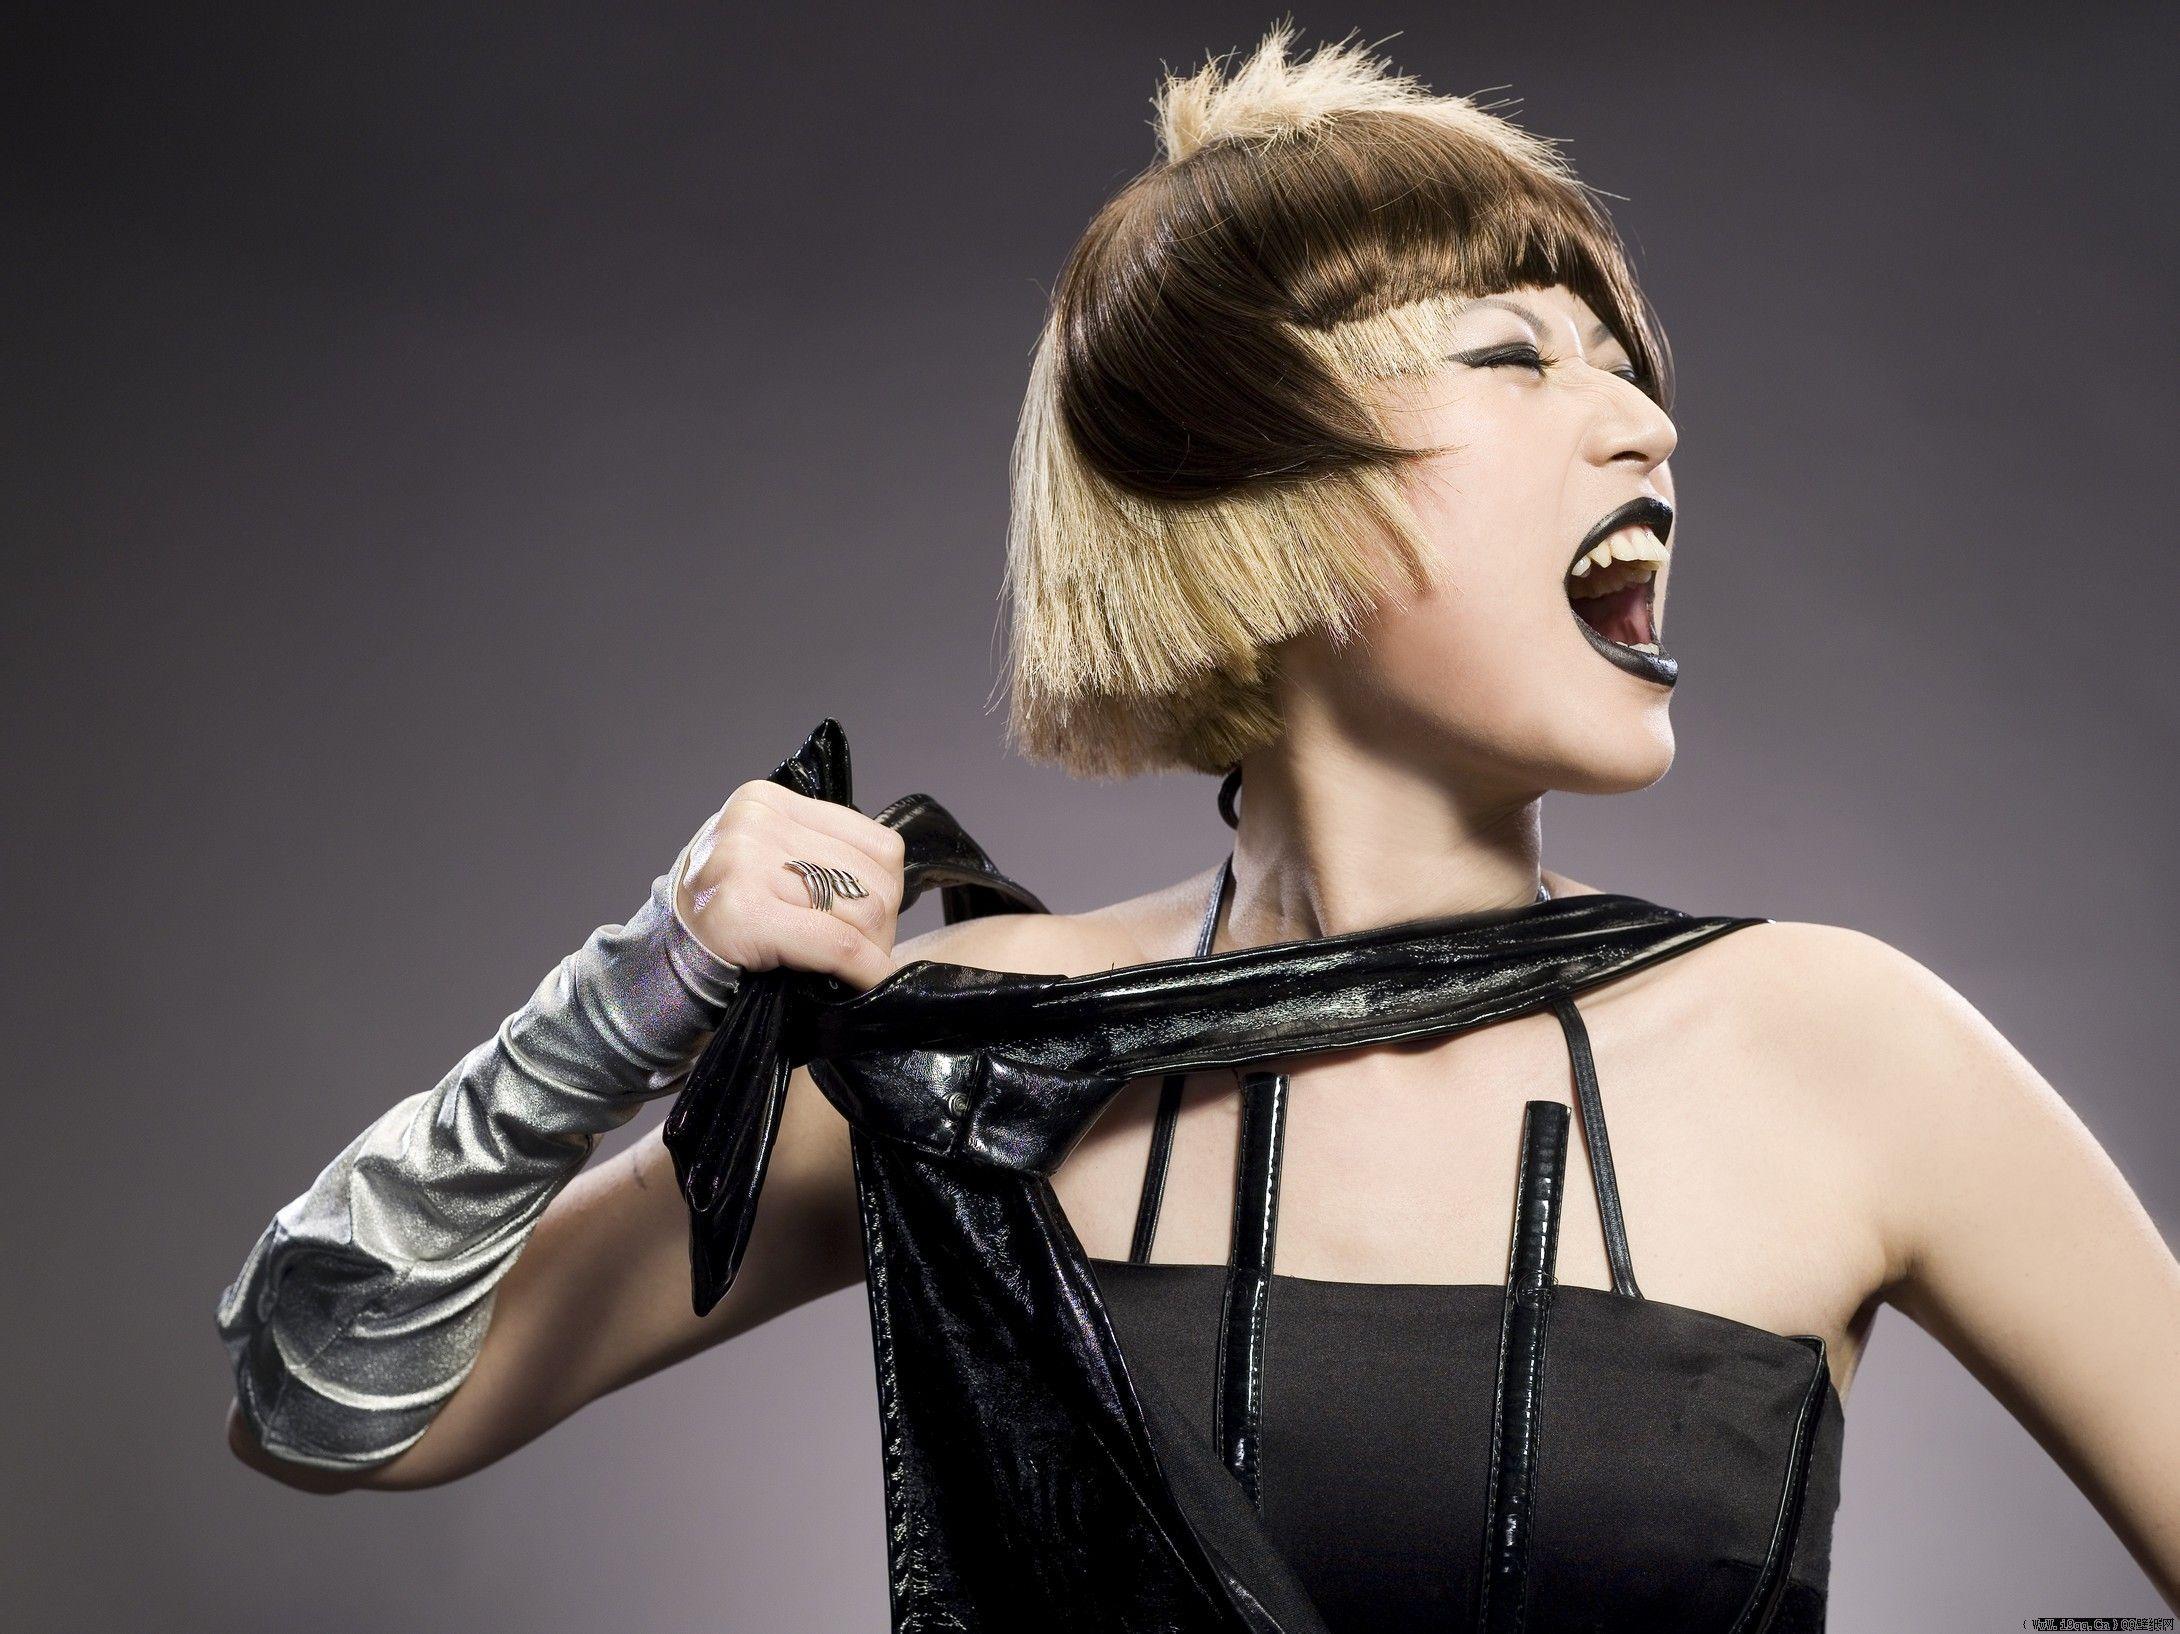 美女壁纸:超拽发型形象设计